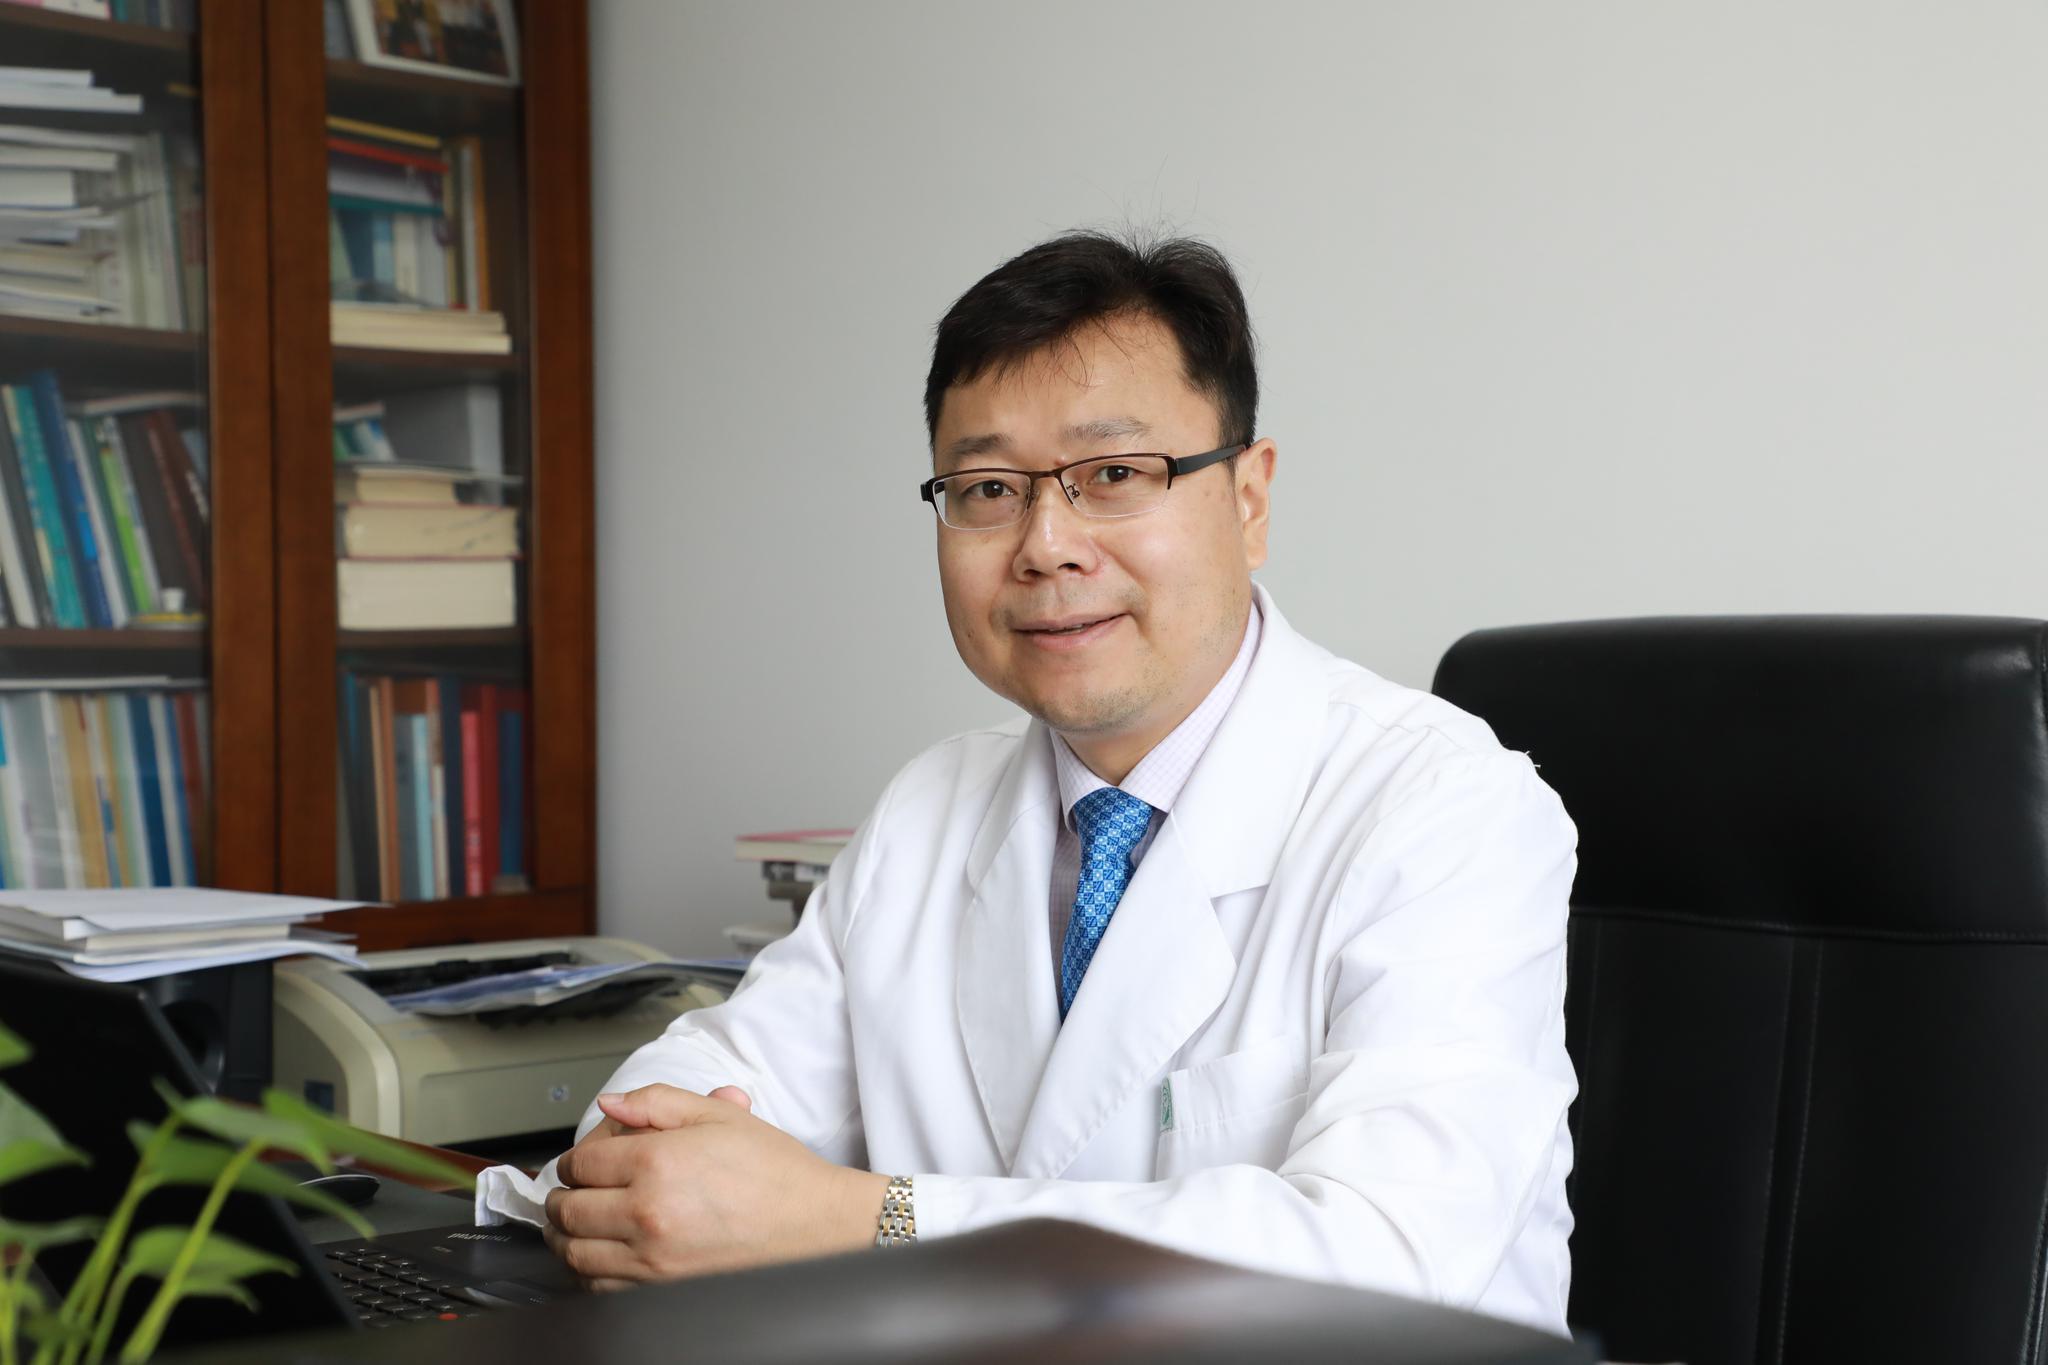 北京地坛医院副院长吴国安:我们顶住了突然的入院潮图片